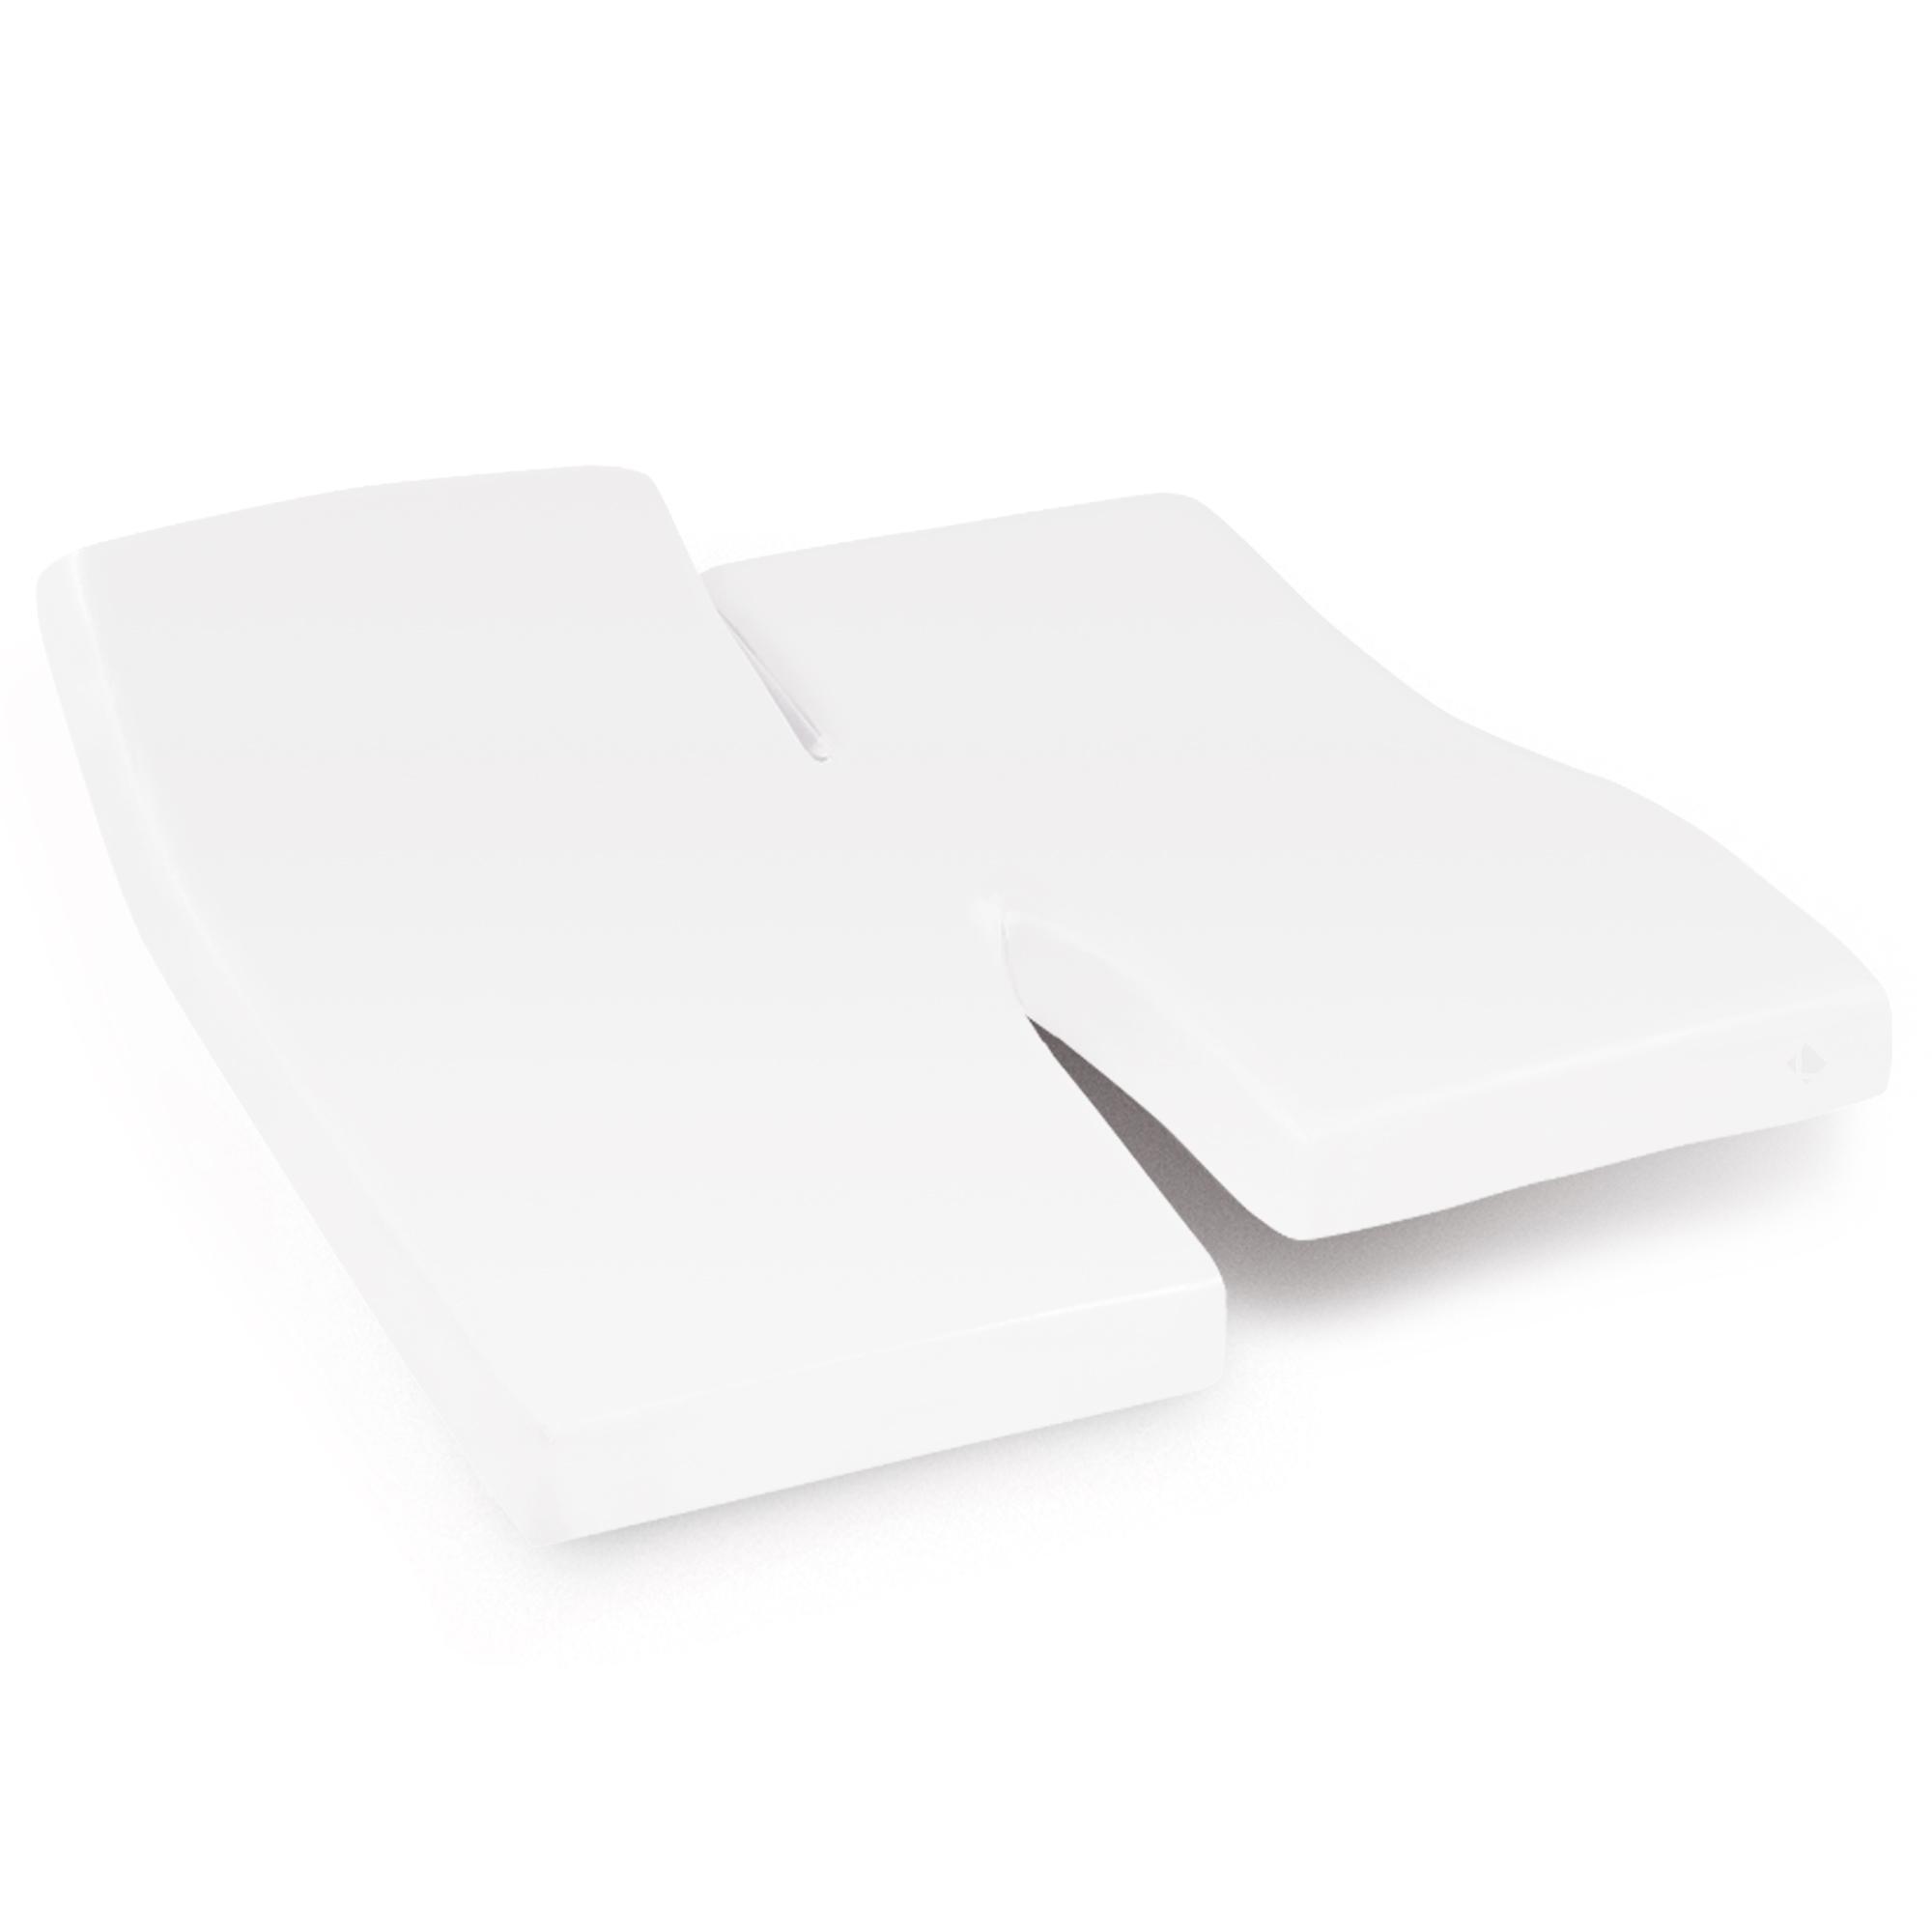 prot ge matelas imperm able 2x80x200 cm lit articul tpr bonnet 23cm arnon molleton 100 coton. Black Bedroom Furniture Sets. Home Design Ideas